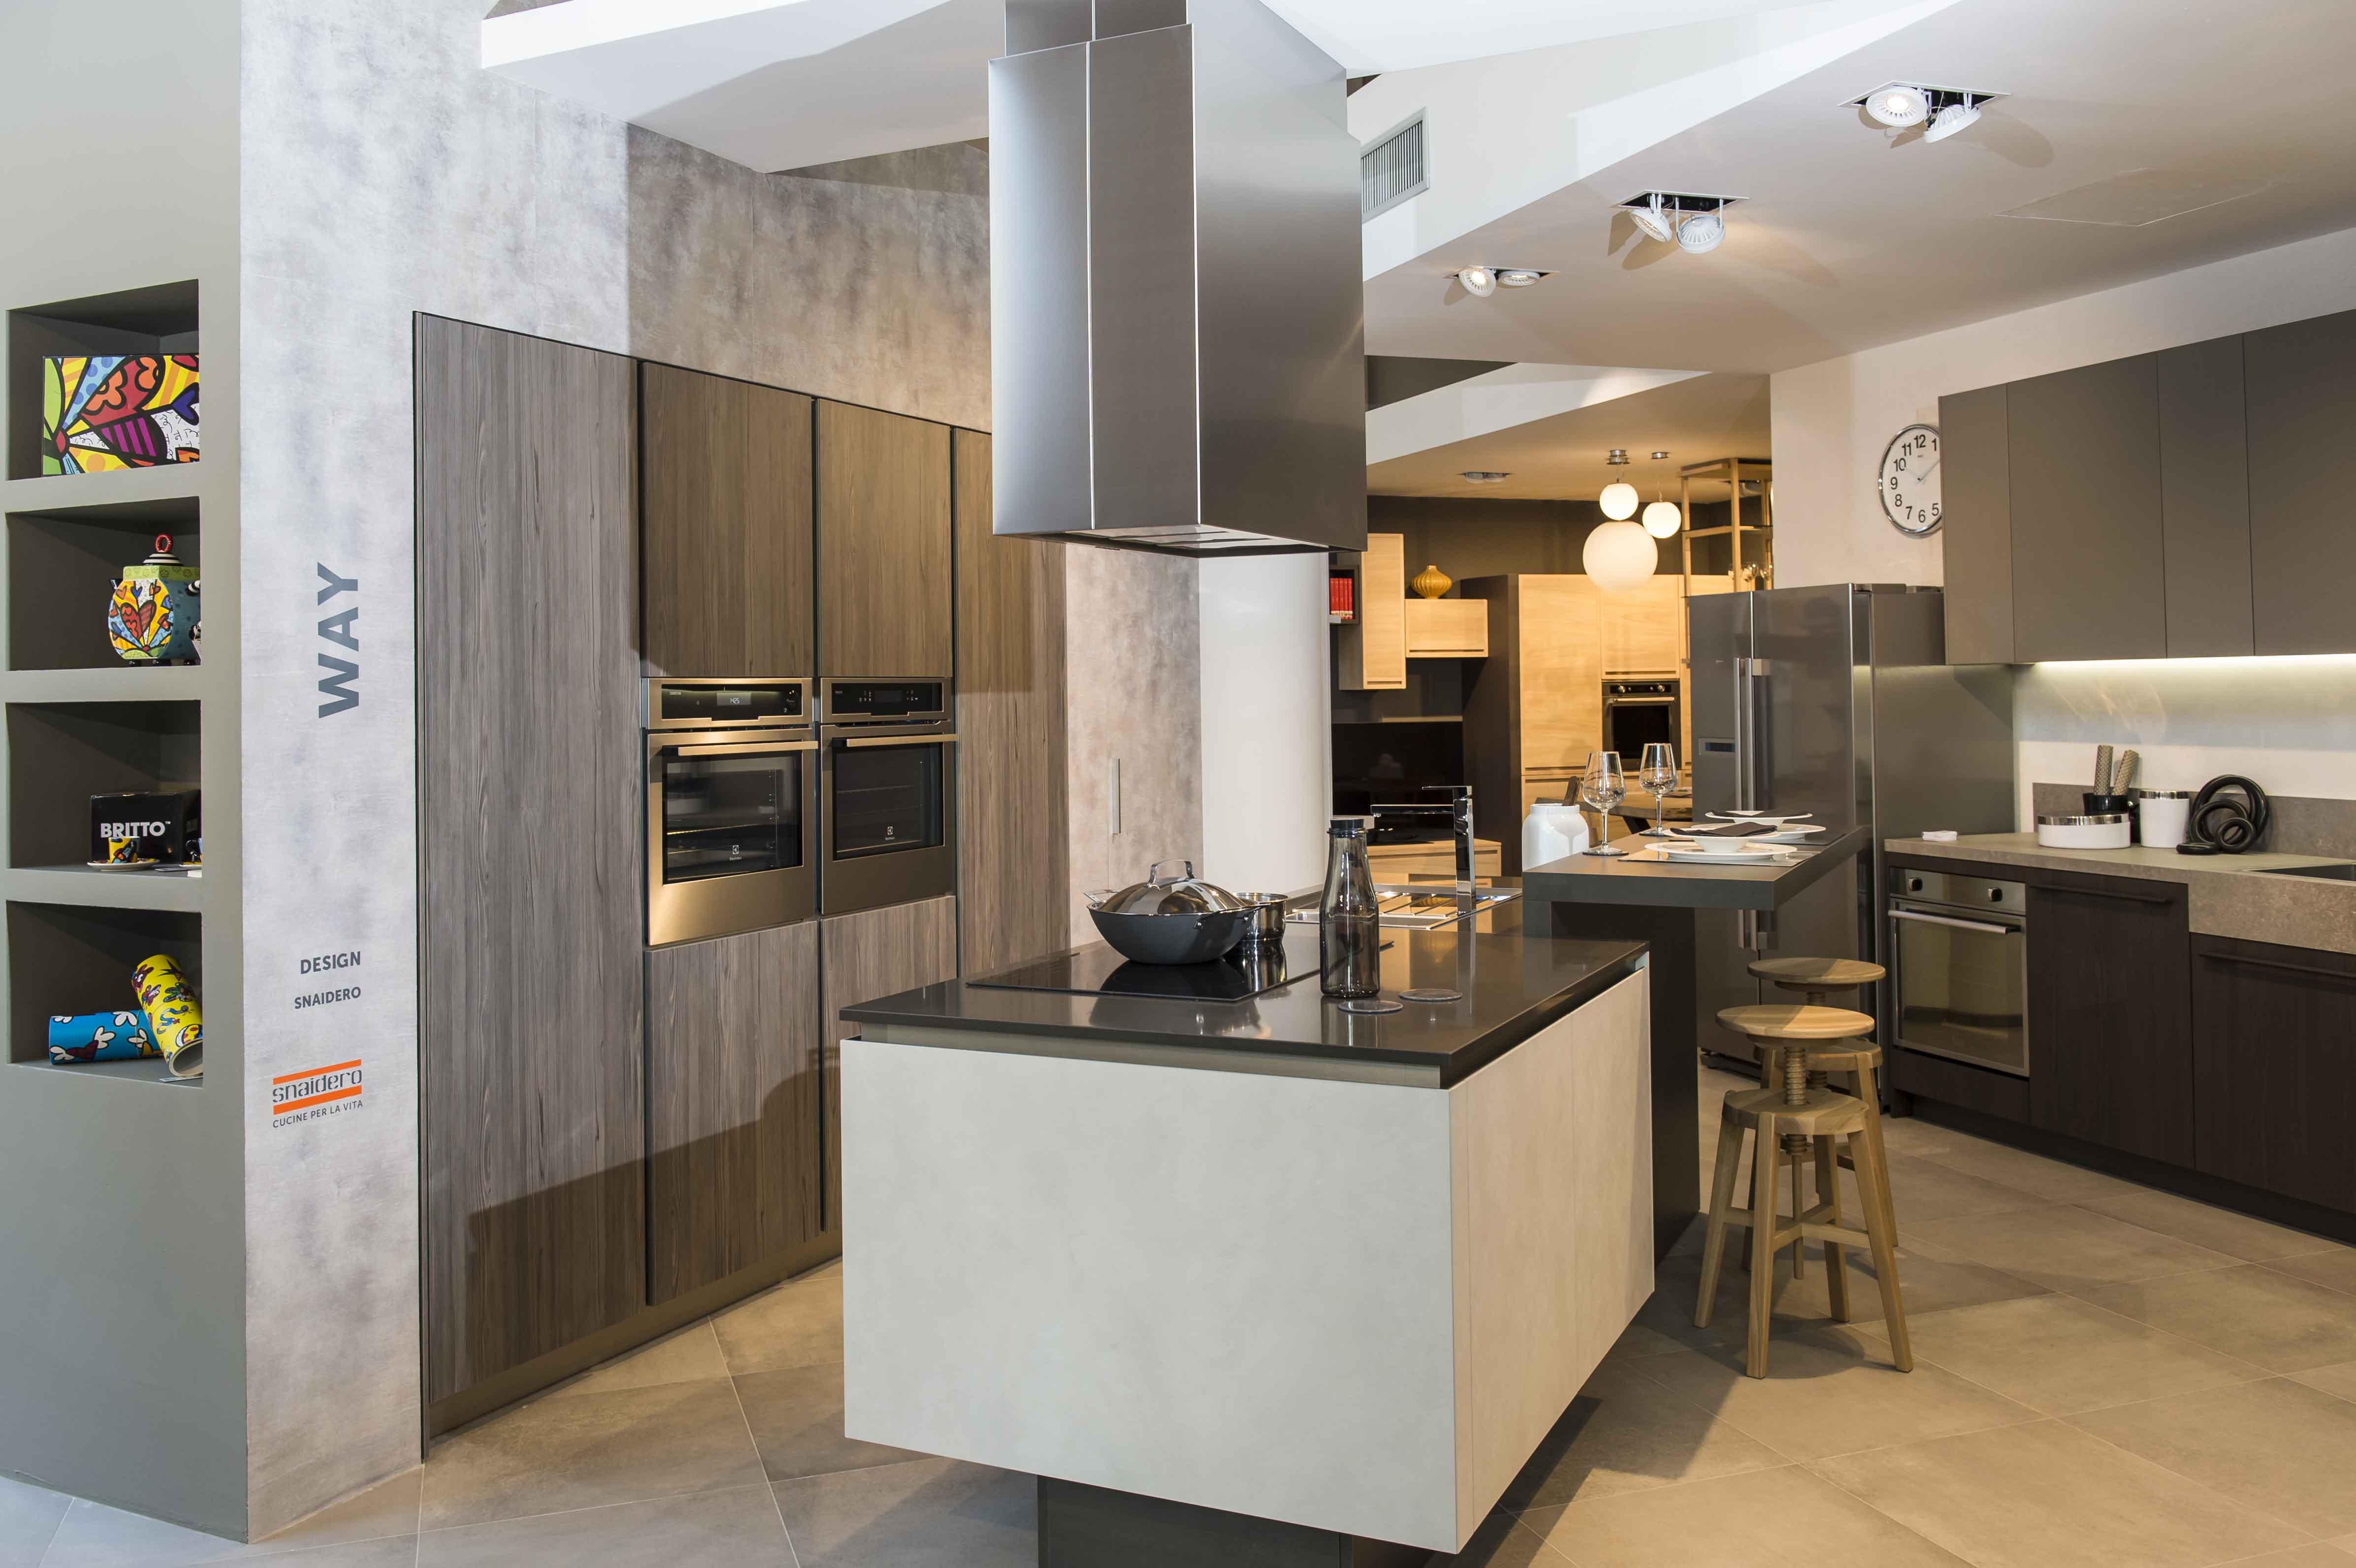 Awesome Cucine Snaidero Milano Contemporary - Ideas & Design 2017 ...